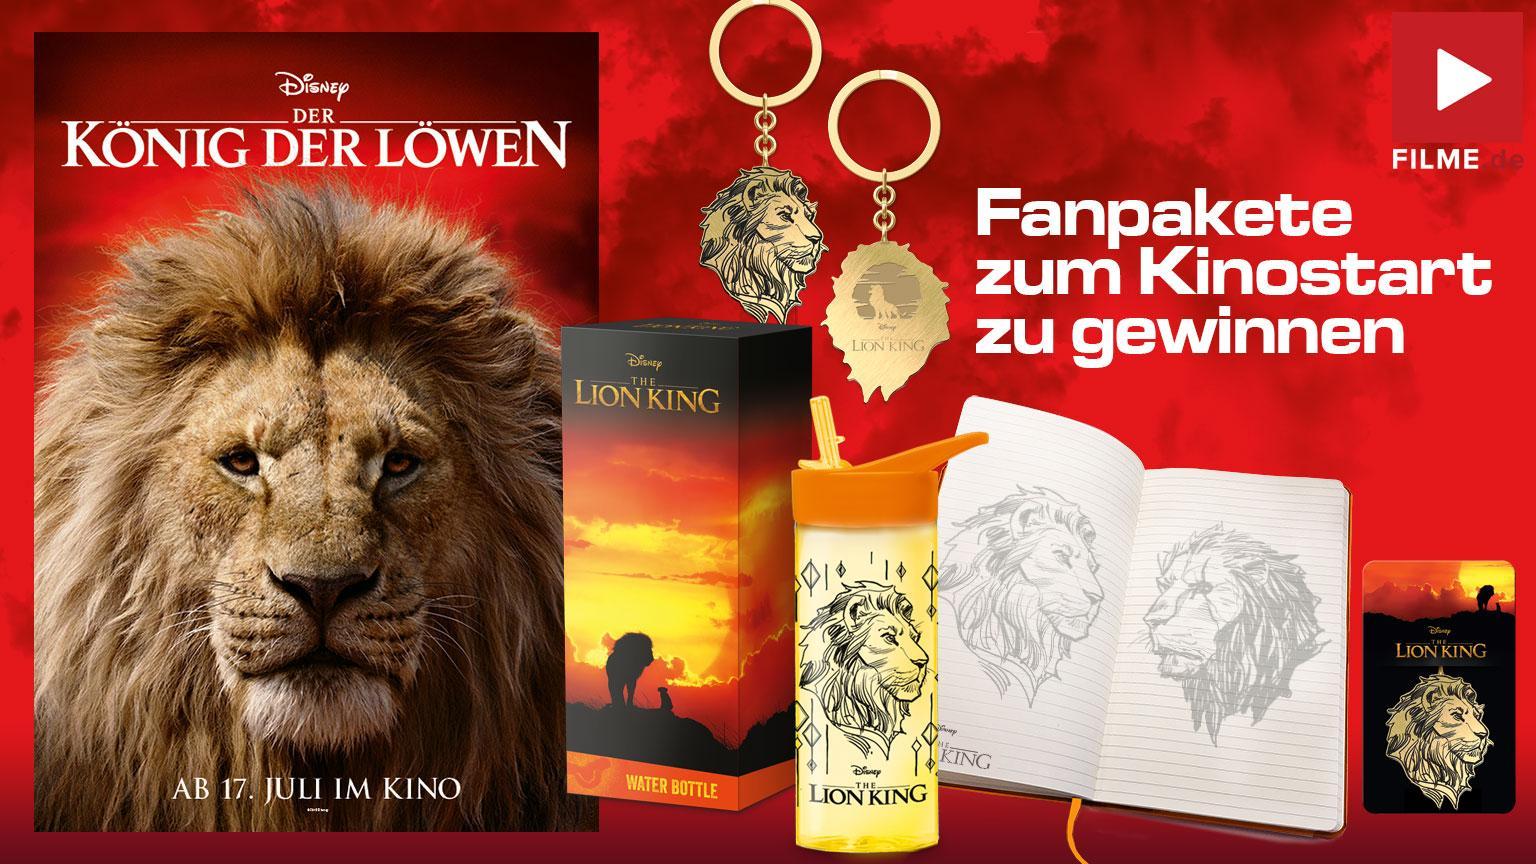 Zum Kinostart König der Löwen Fanpakete Gewinnspiel Artikelbild